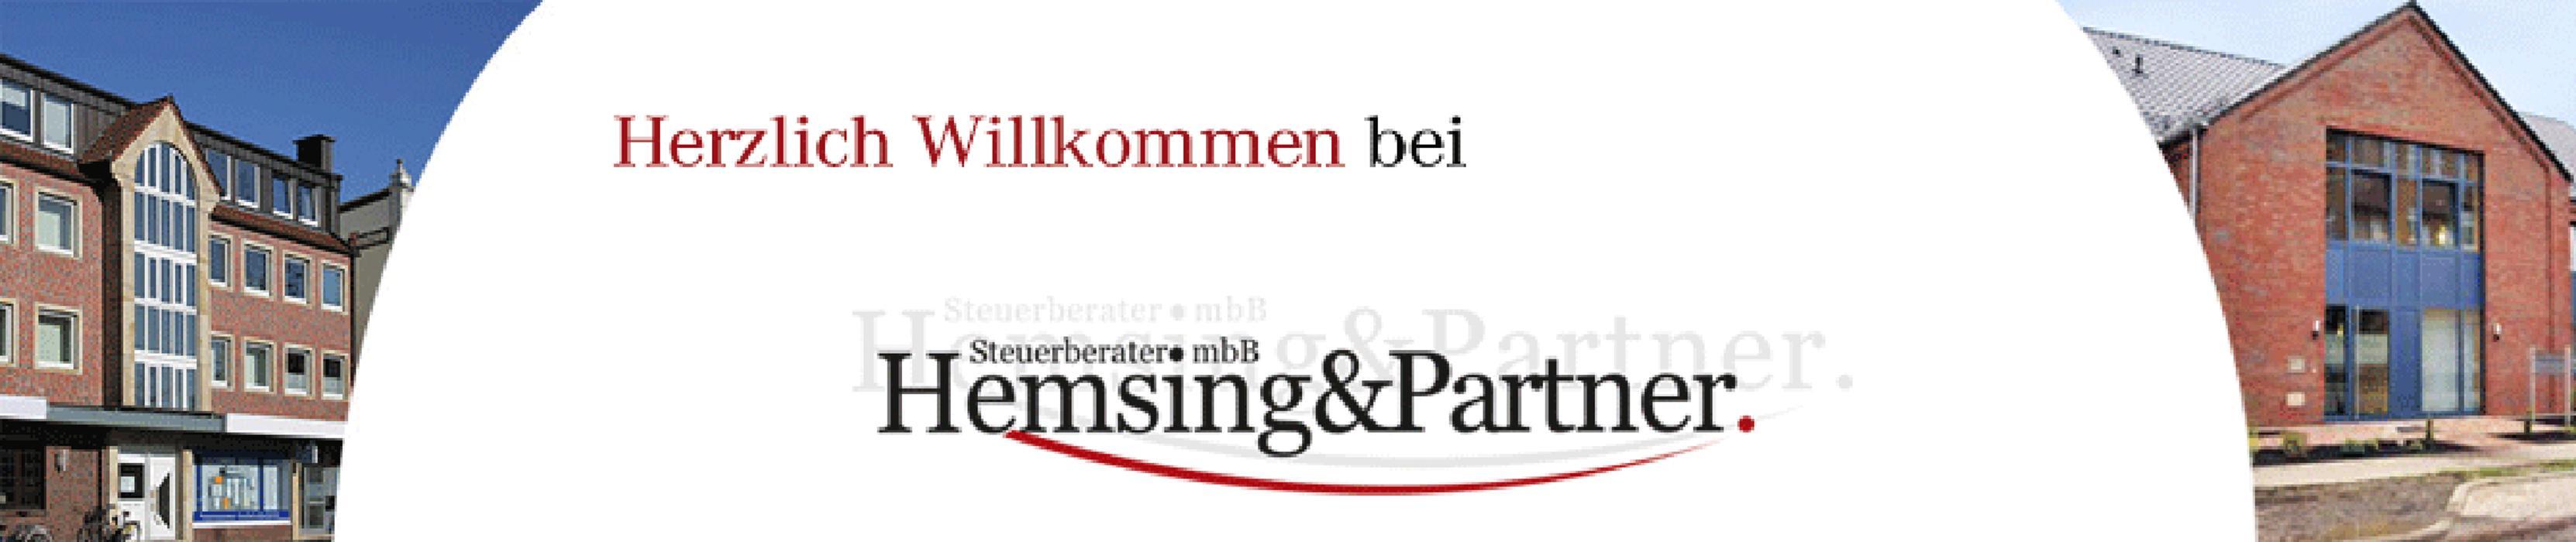 Bild zu R. Hemsing & Partner mbB in Prenzlau